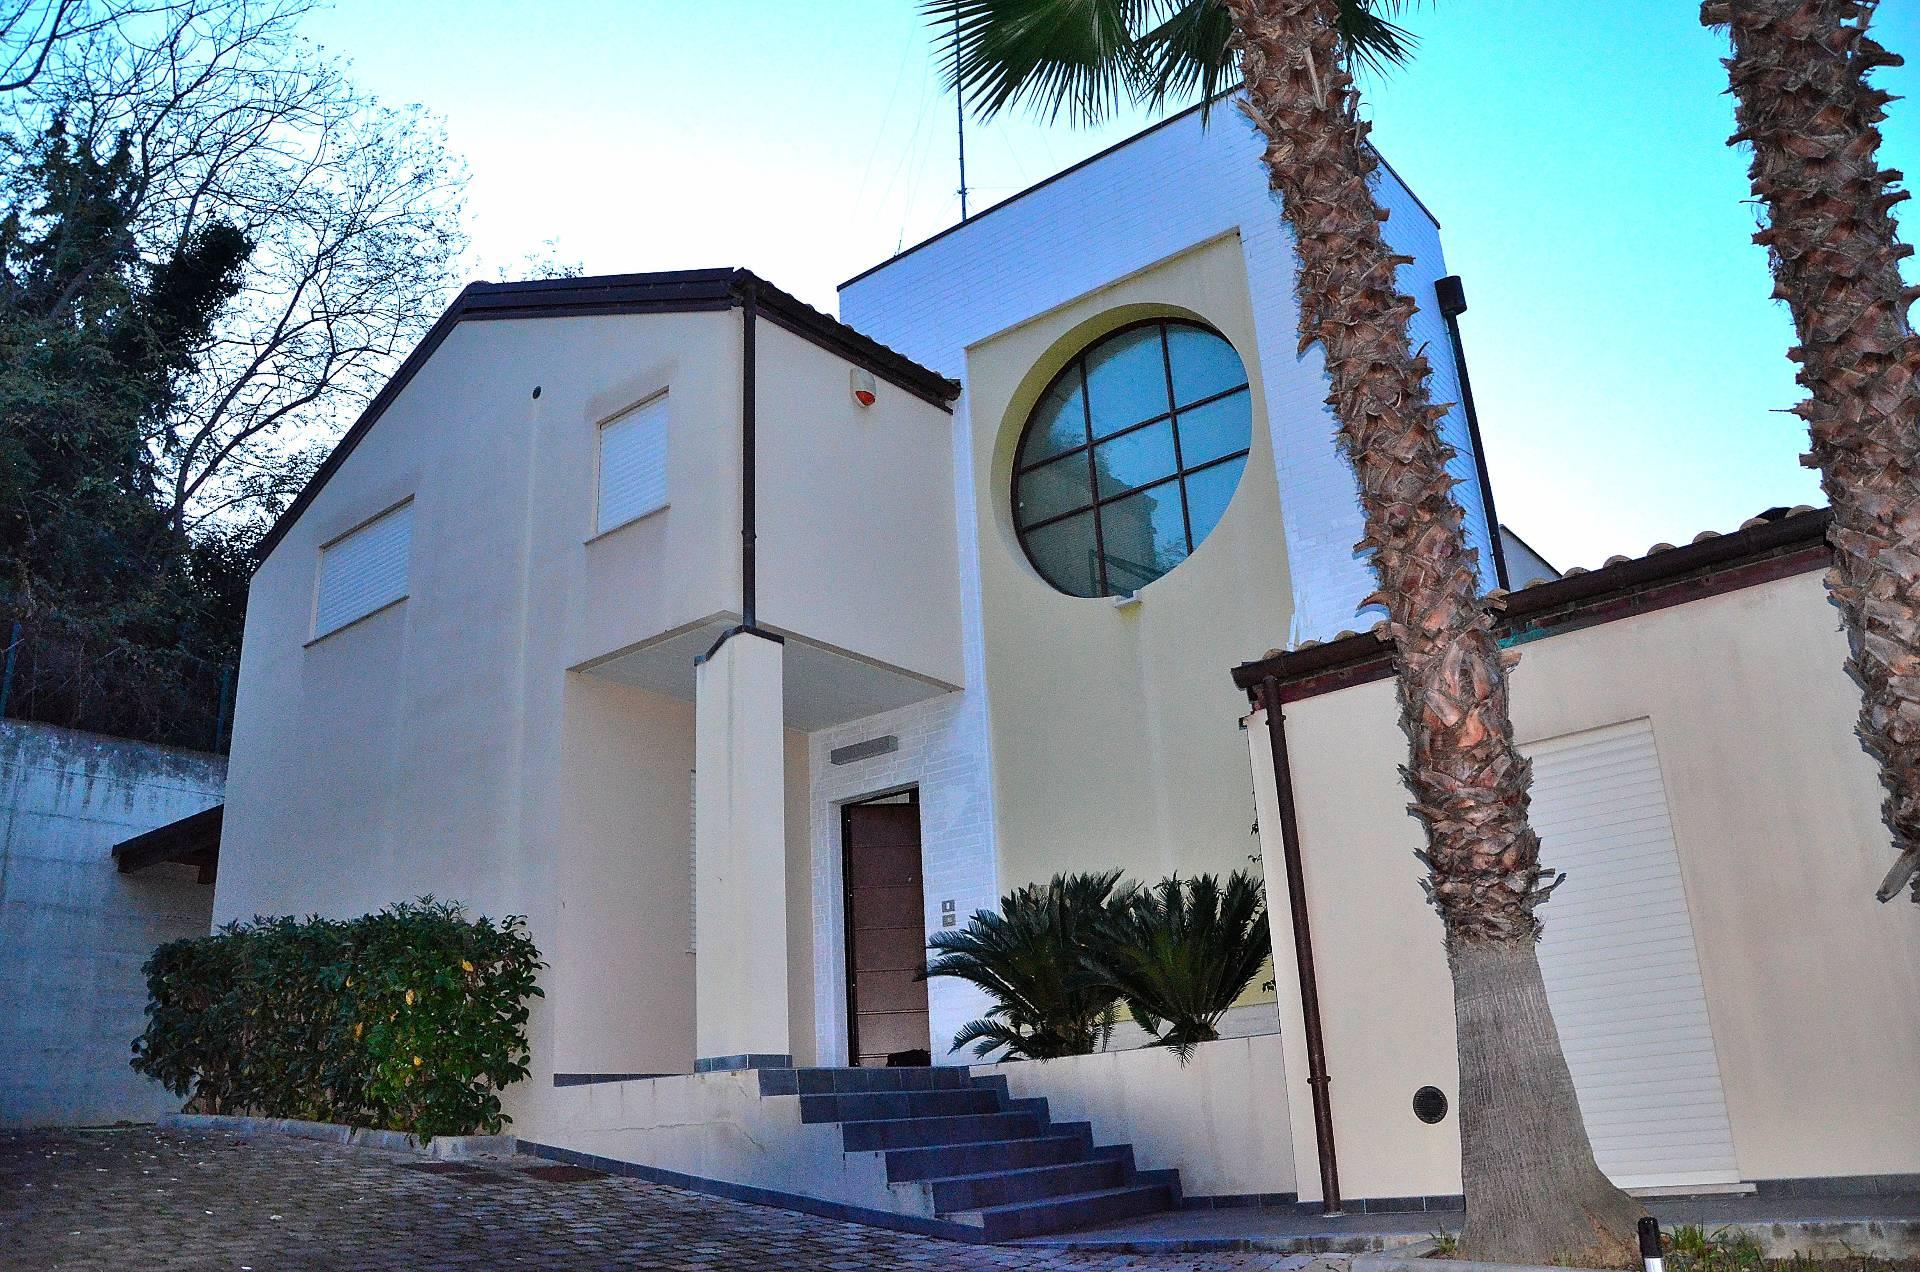 Villa in vendita a Pescara, 4 locali, zona Località: ZonaNord, prezzo € 388.000 | Cambio Casa.it